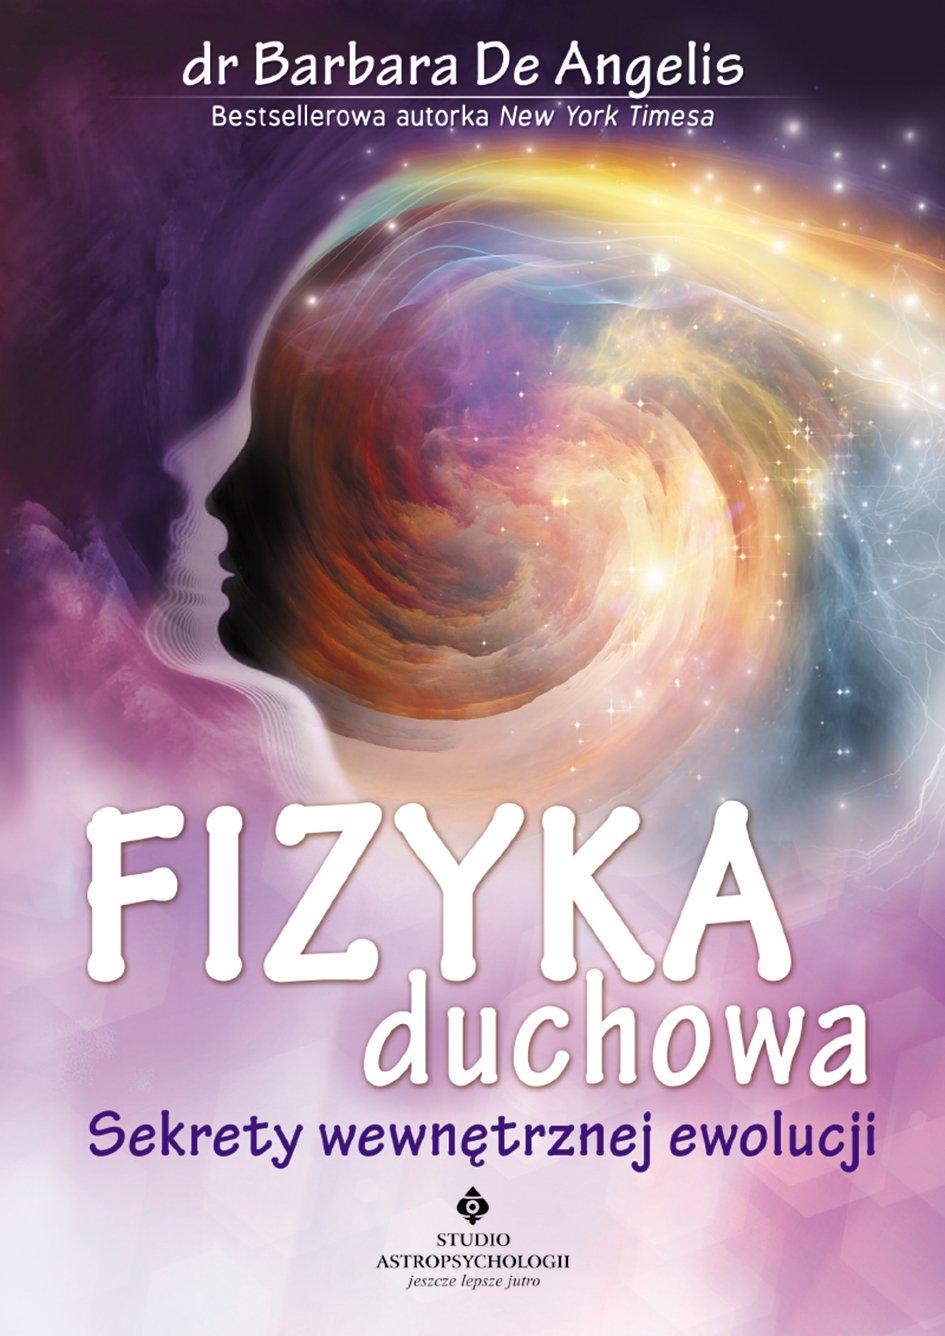 Fizyka duchowa. Sekrety wewnętrznej ewolucji - Ebook (Książka EPUB) do pobrania w formacie EPUB